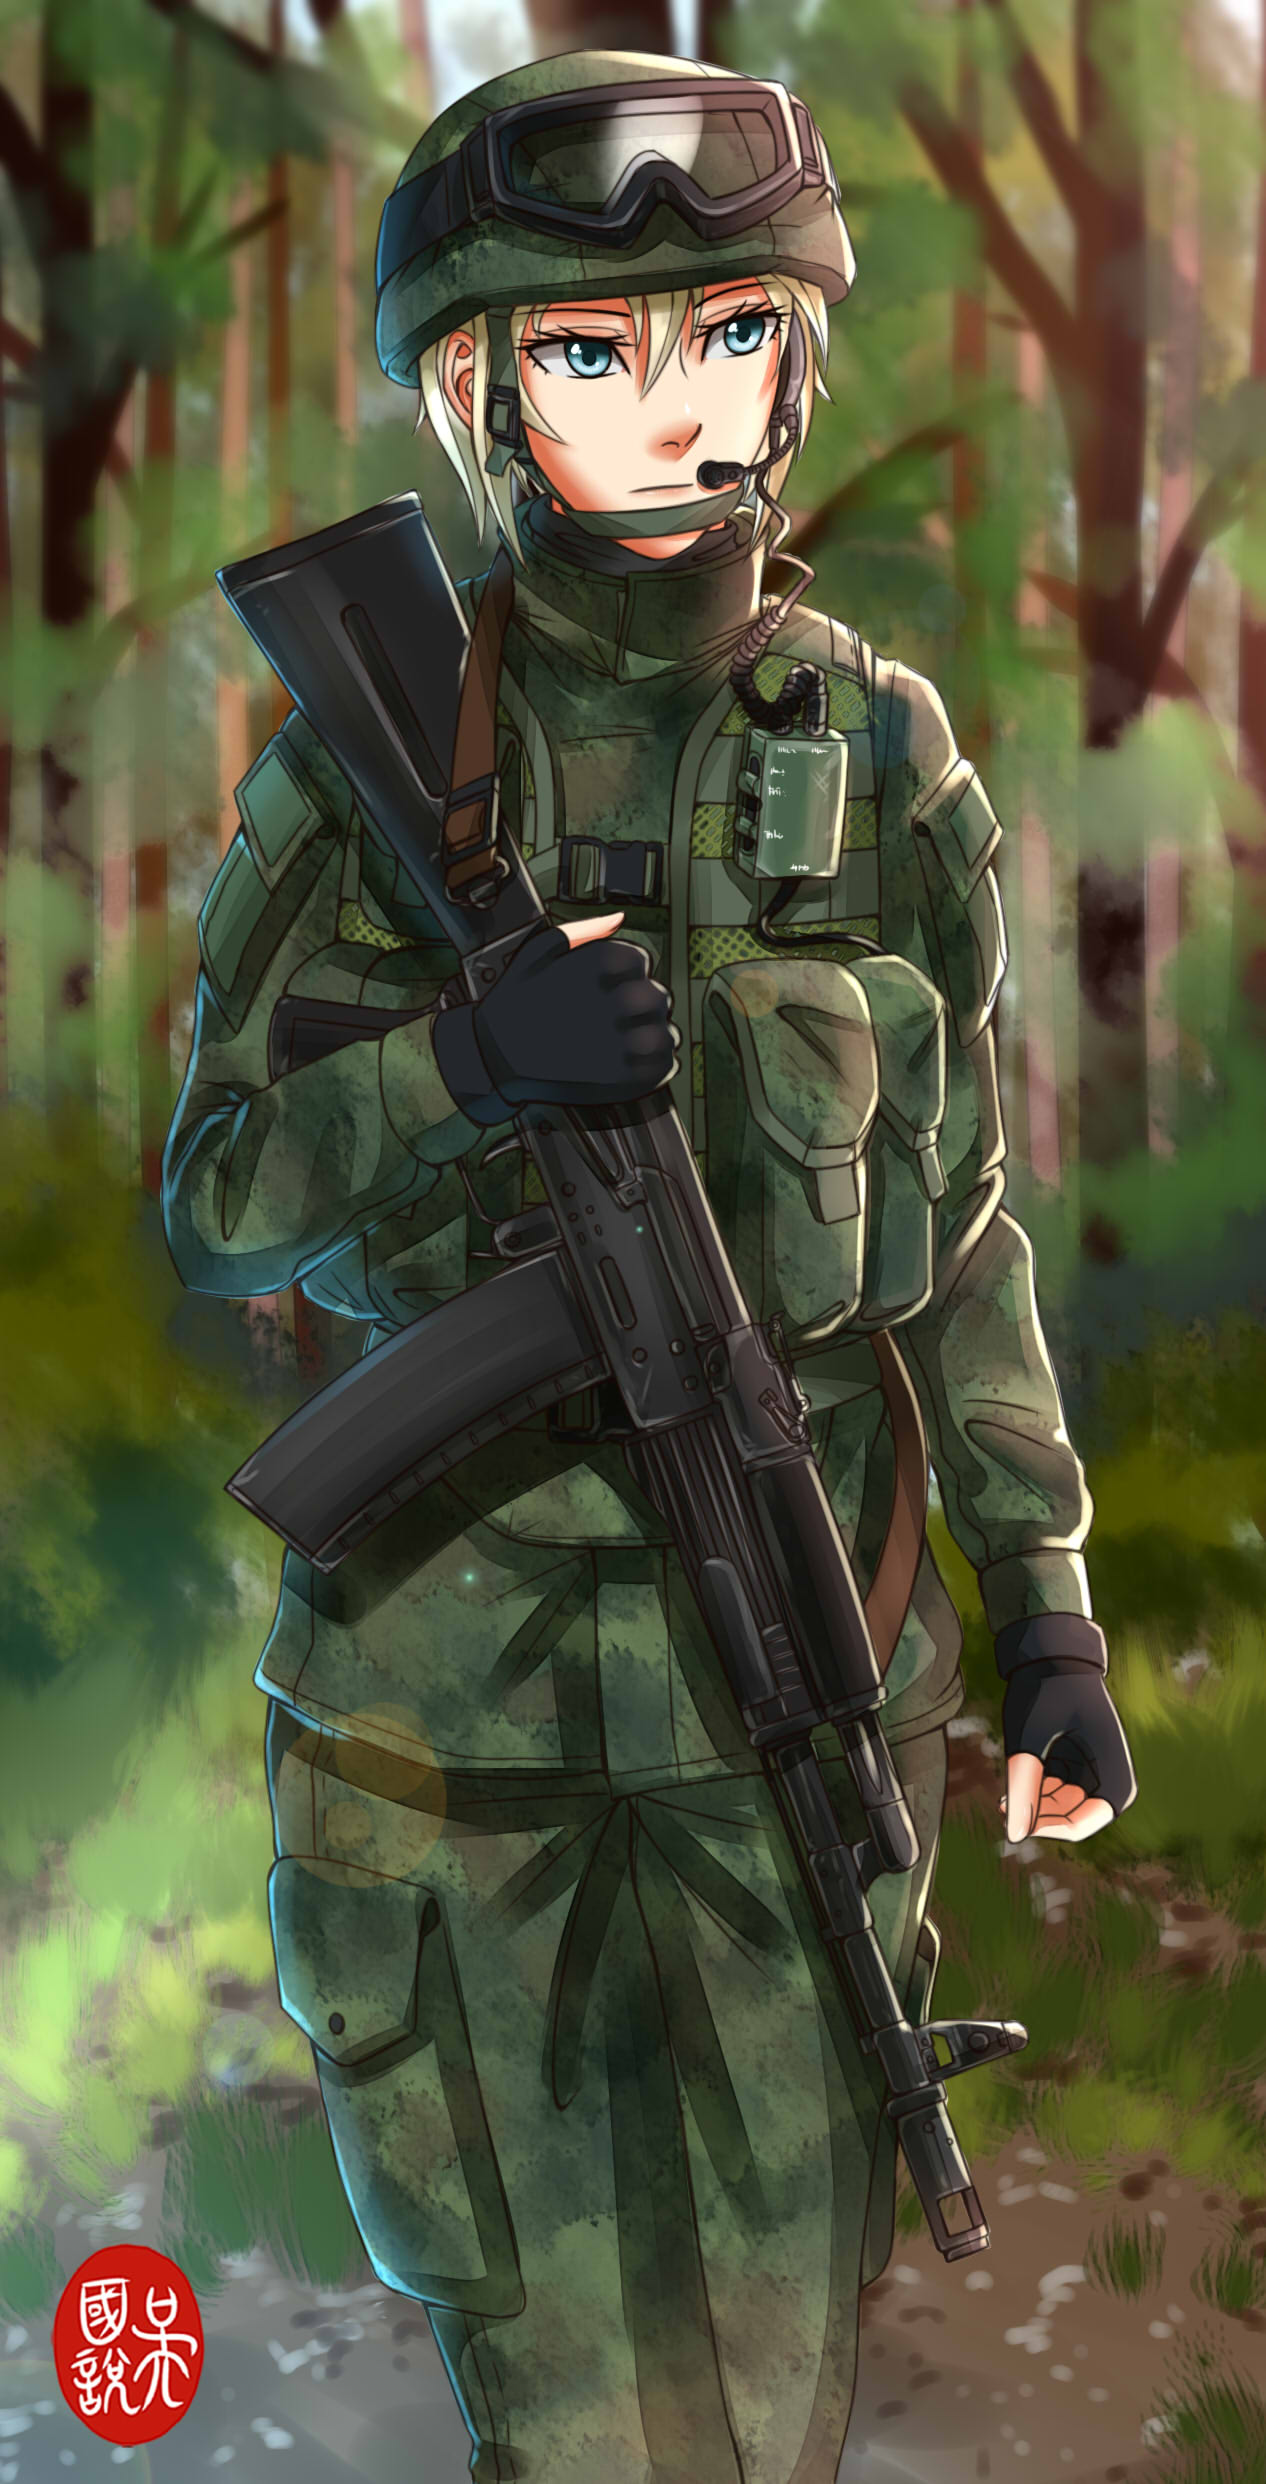 Guy in army uniform masturbating 9